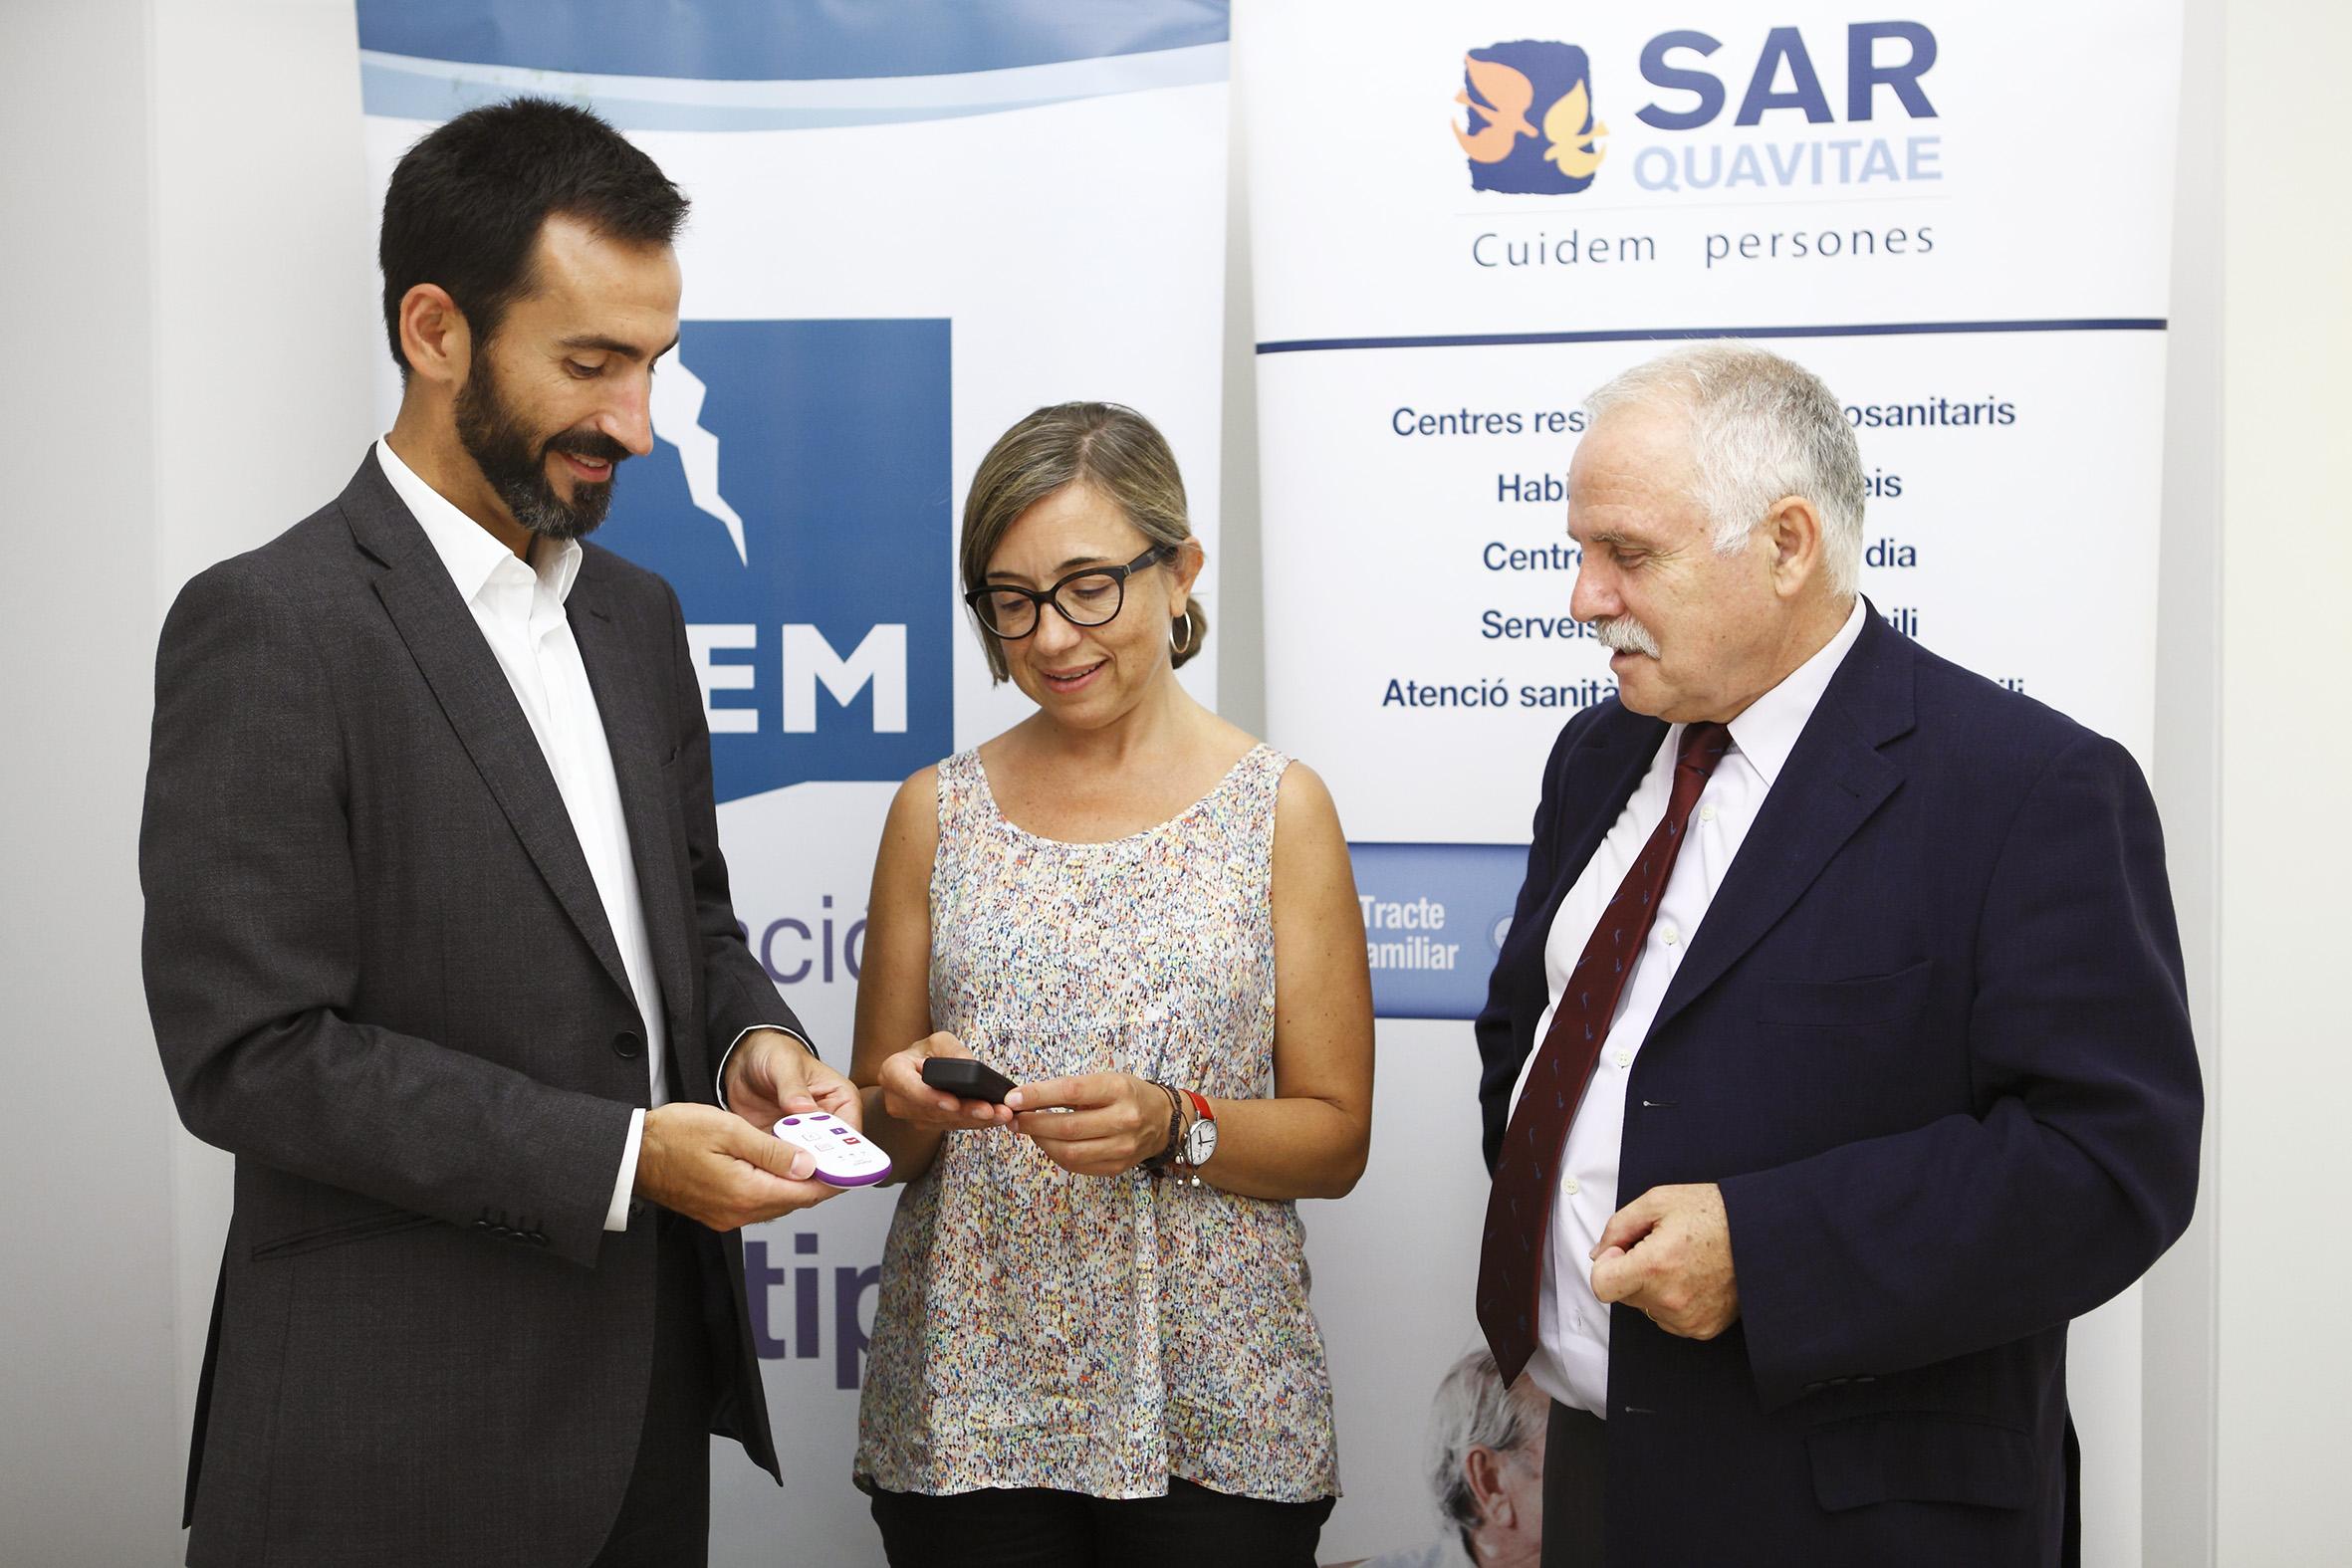 Sarquavitae_convenio_FEM_07